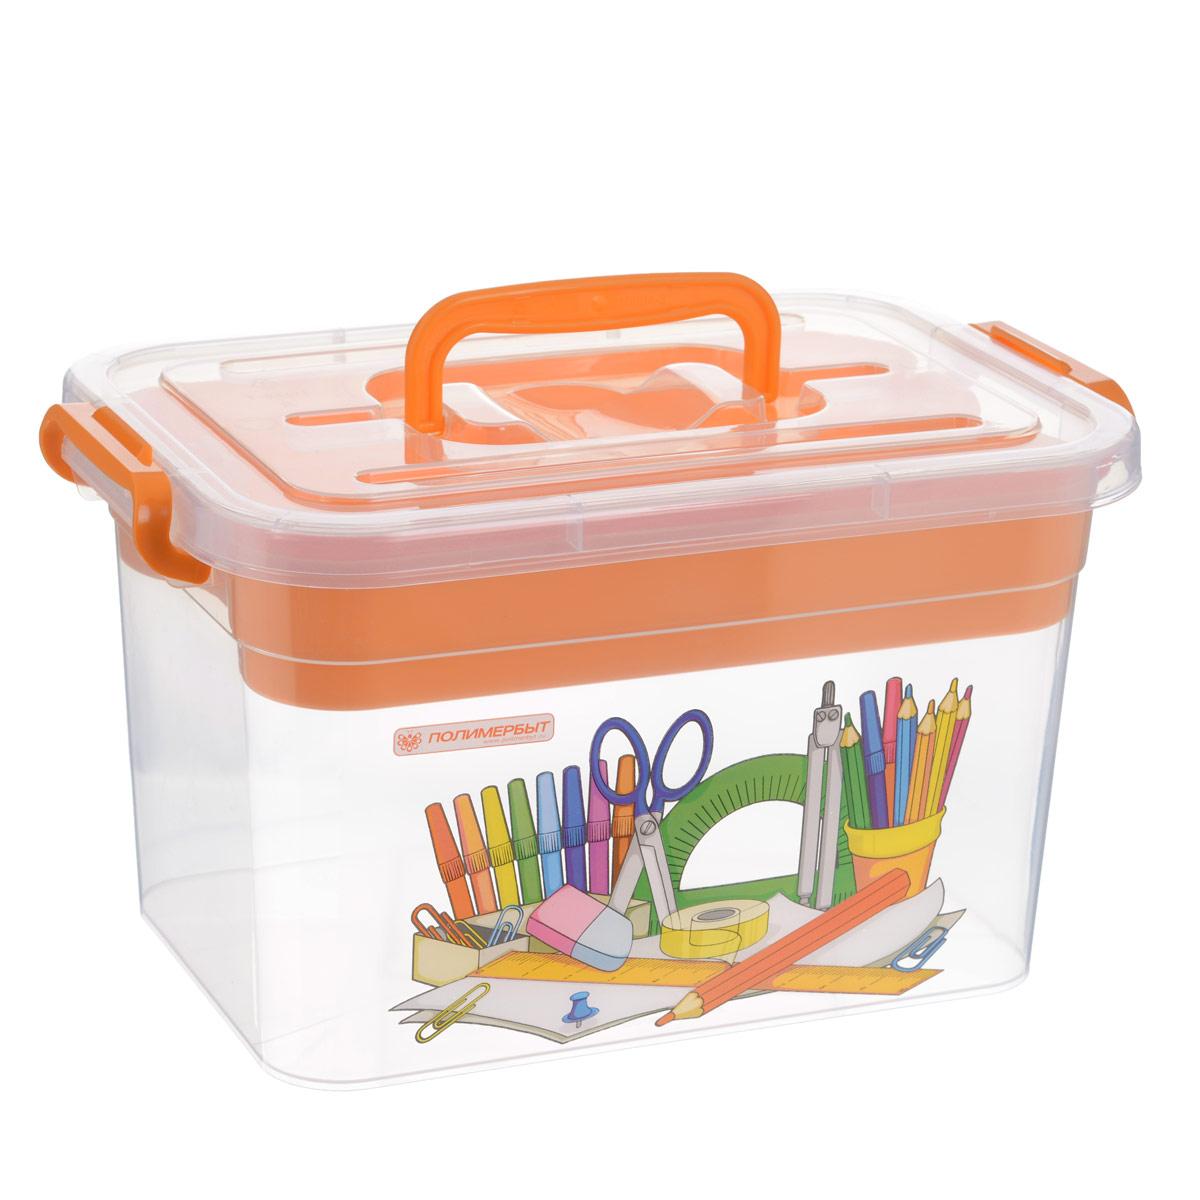 Контейнер Полимербыт Важные мелочи, с вкладышем, цвет: оранжевый, 6,5 л набор для пикника полимербыт 4380960 4380960 оранжевый